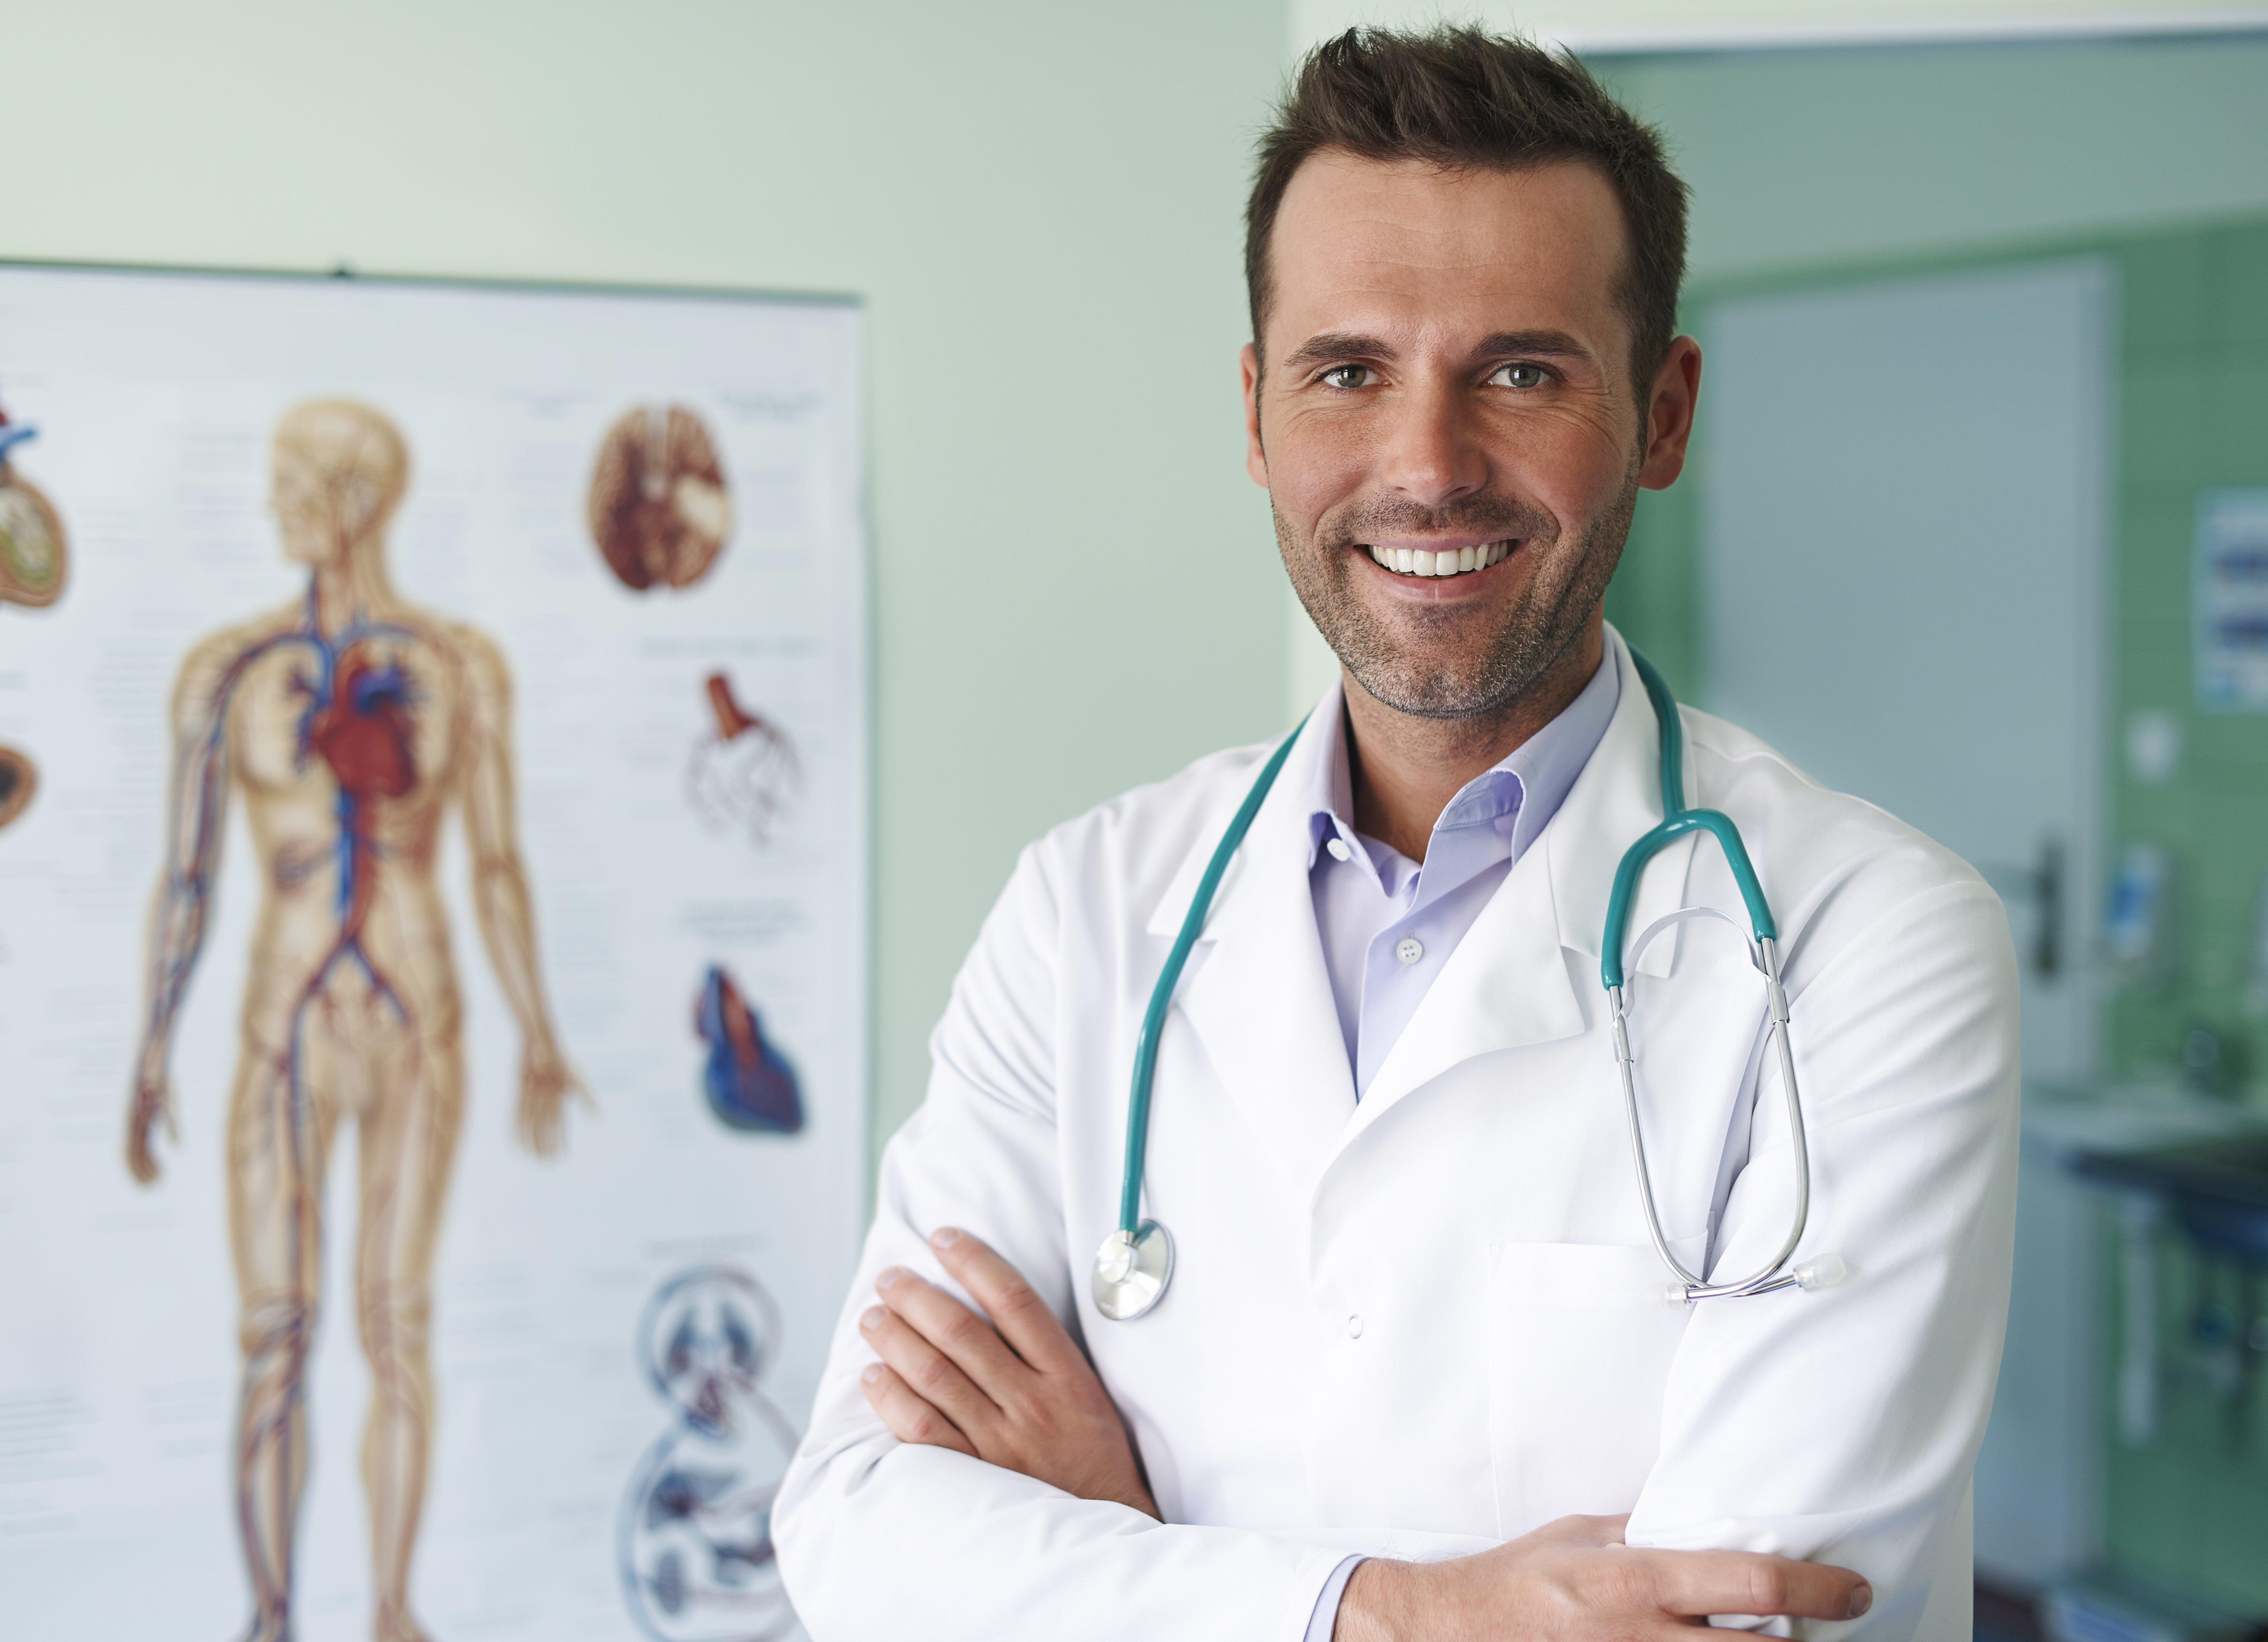 medico-contratar-profesionales